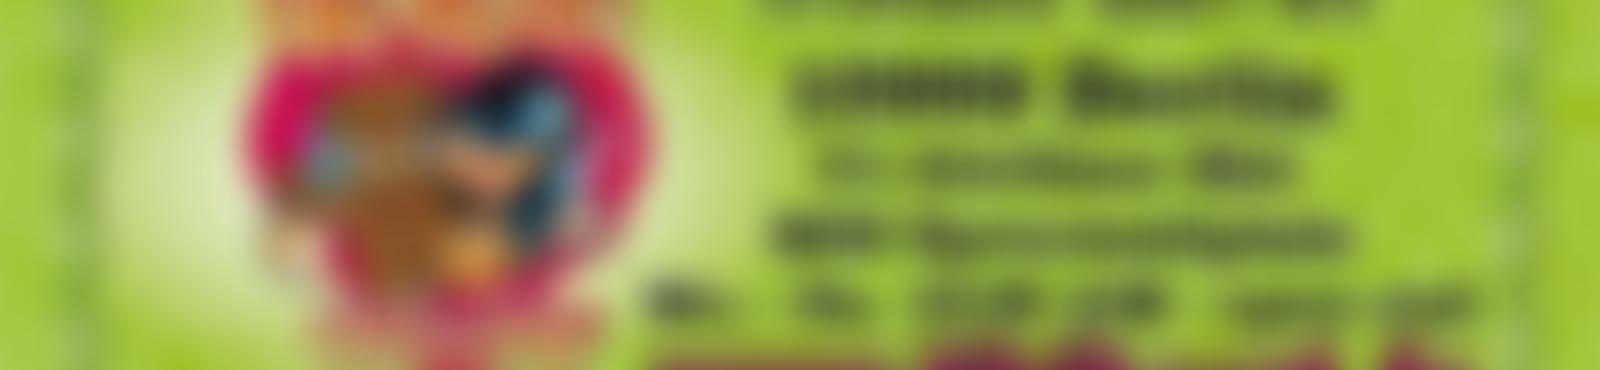 Blurred 163512 512279388829668 1135360447 n